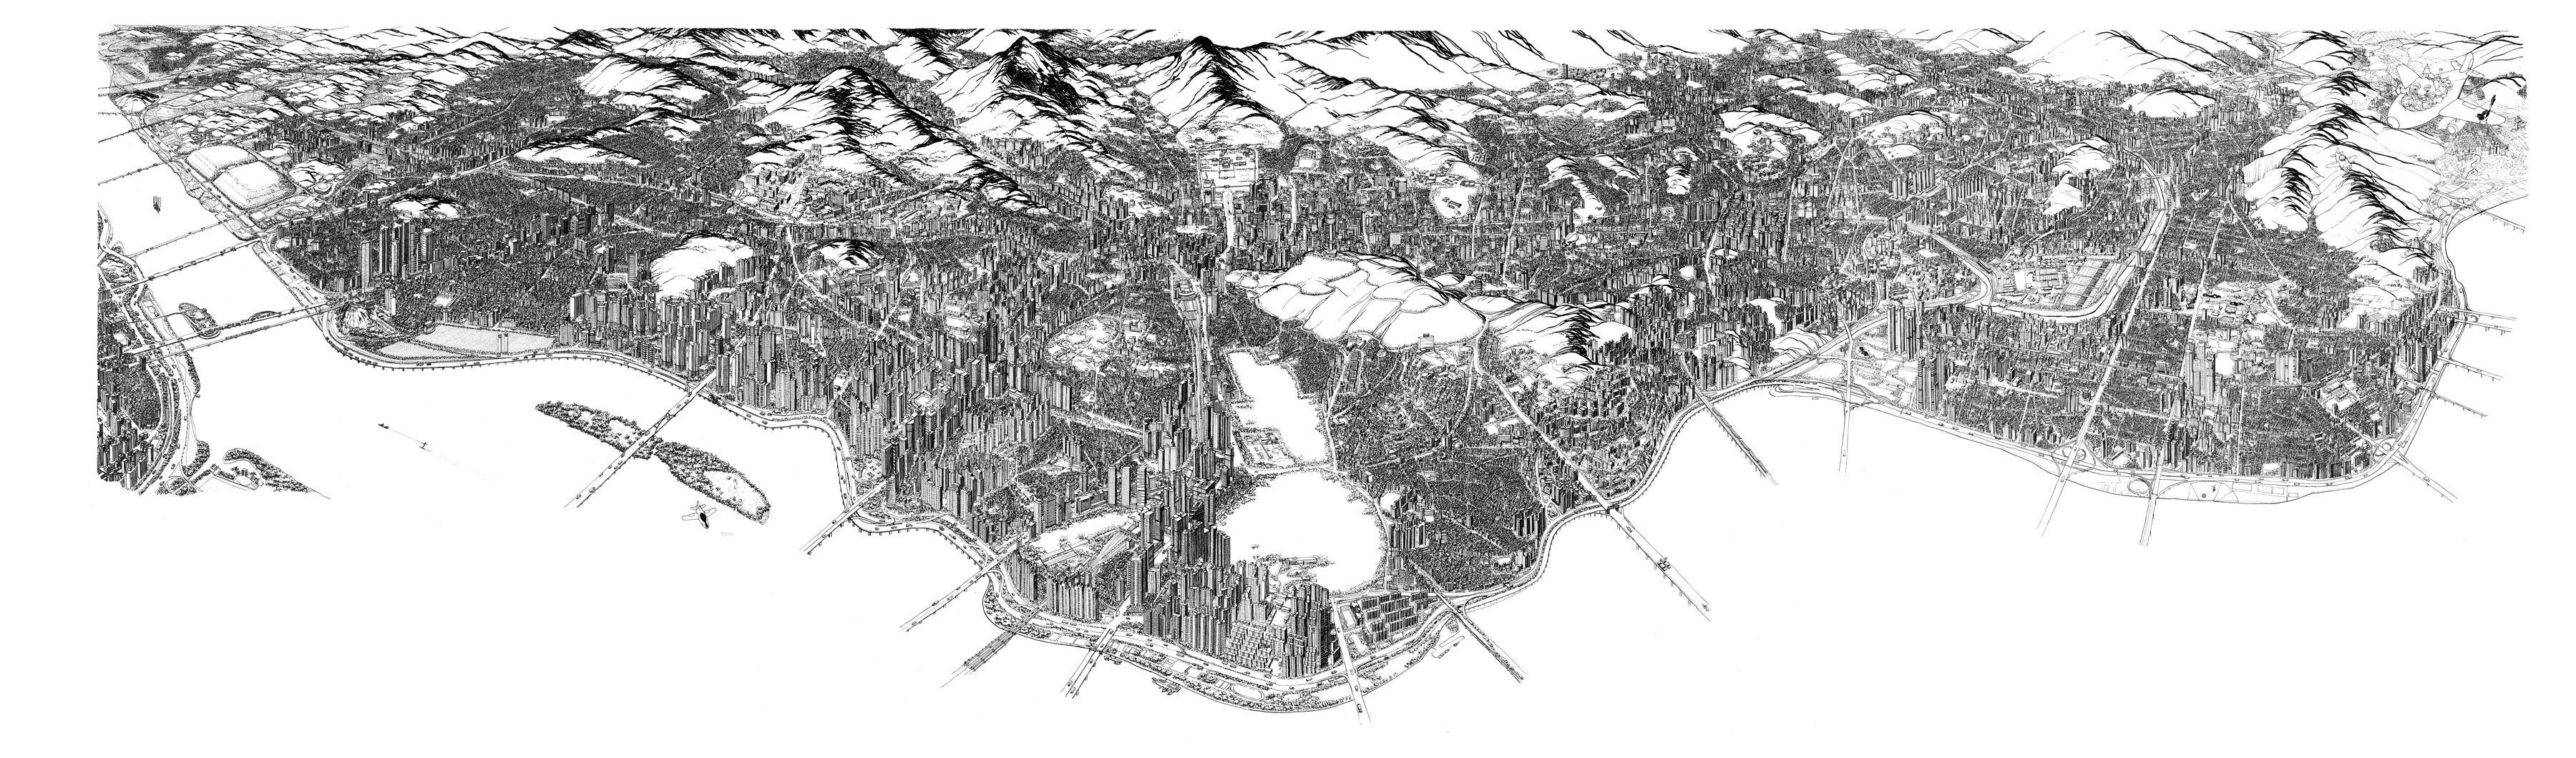 001, 안충기, 비행산수 서울-강북전도, 252 x 72 cm, 종이에